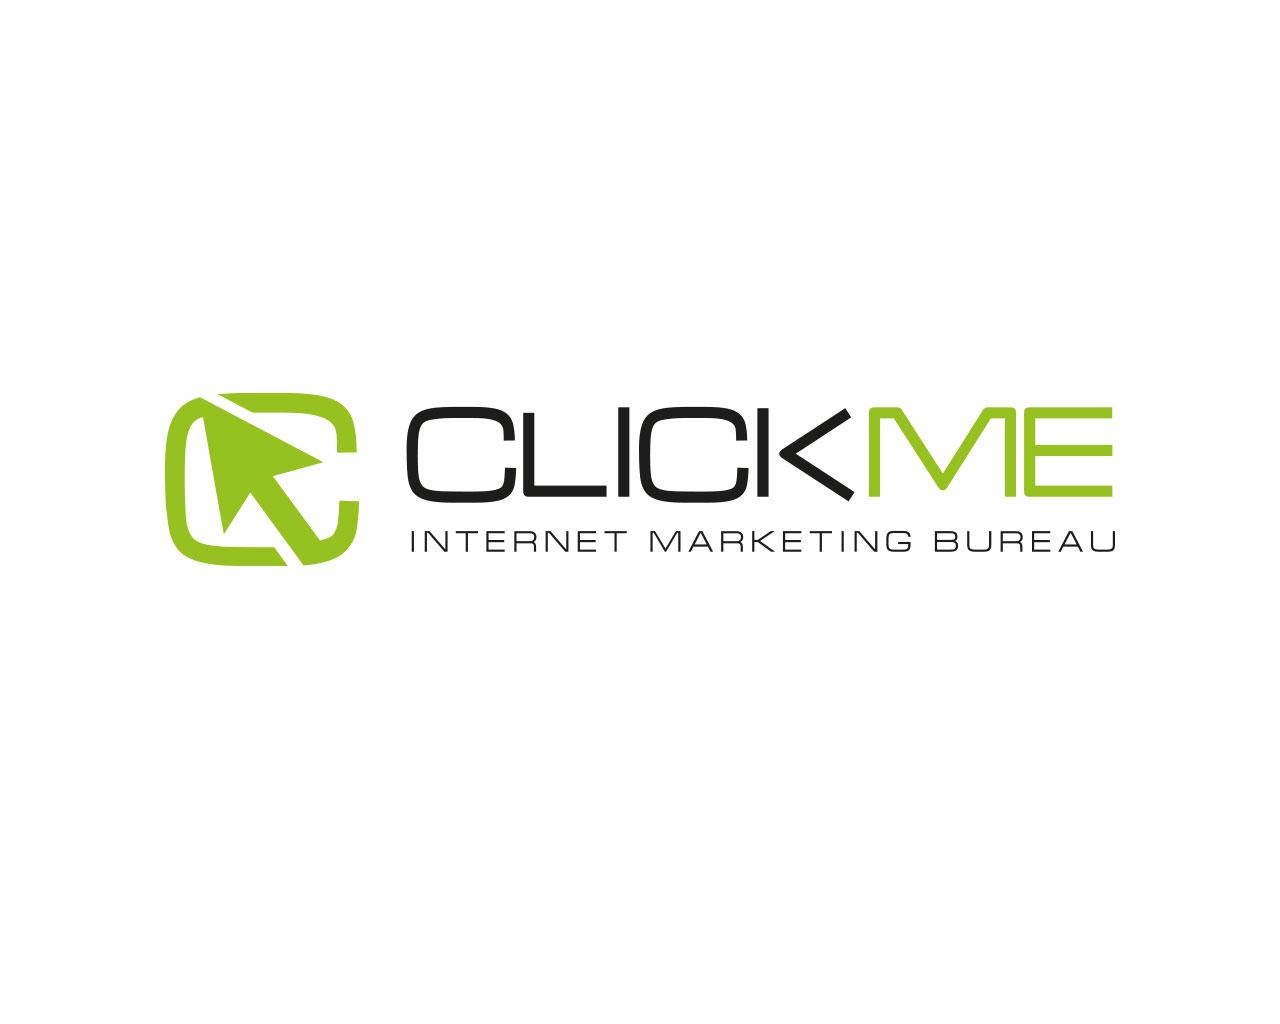 logo clickme